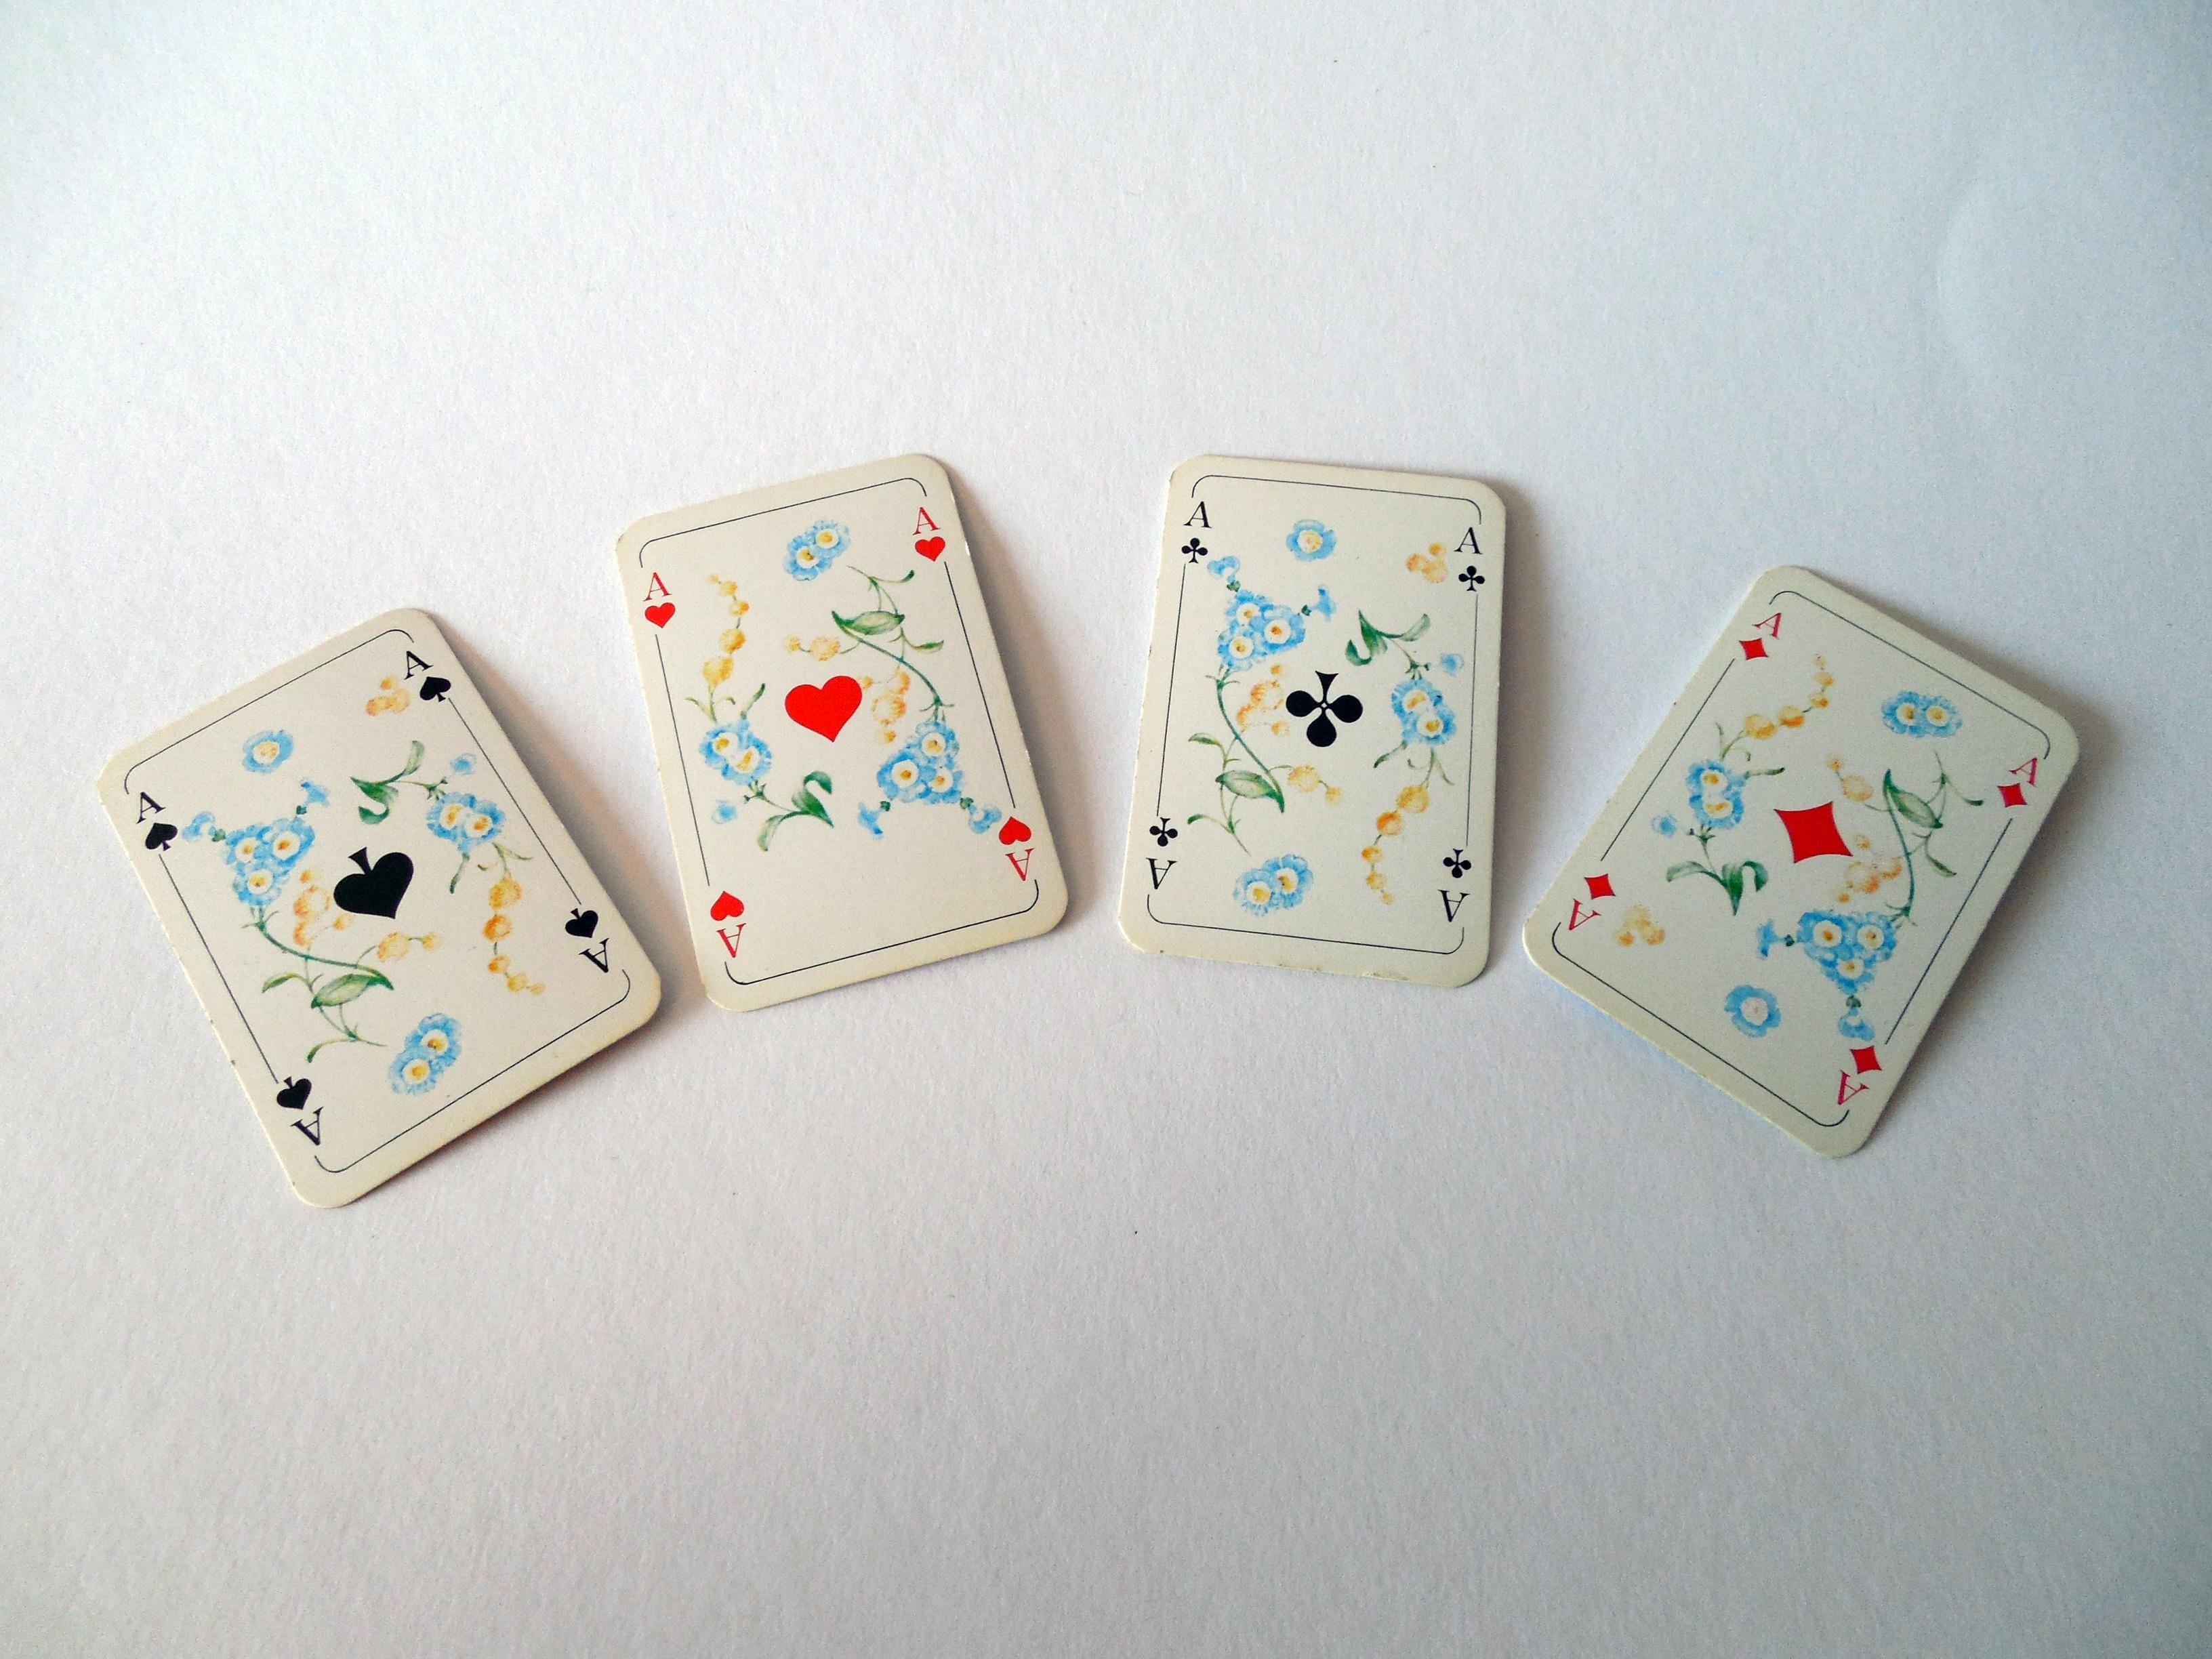 Азартные игры в изобразительном искусст игровые развлекательные аппараты бу куплю